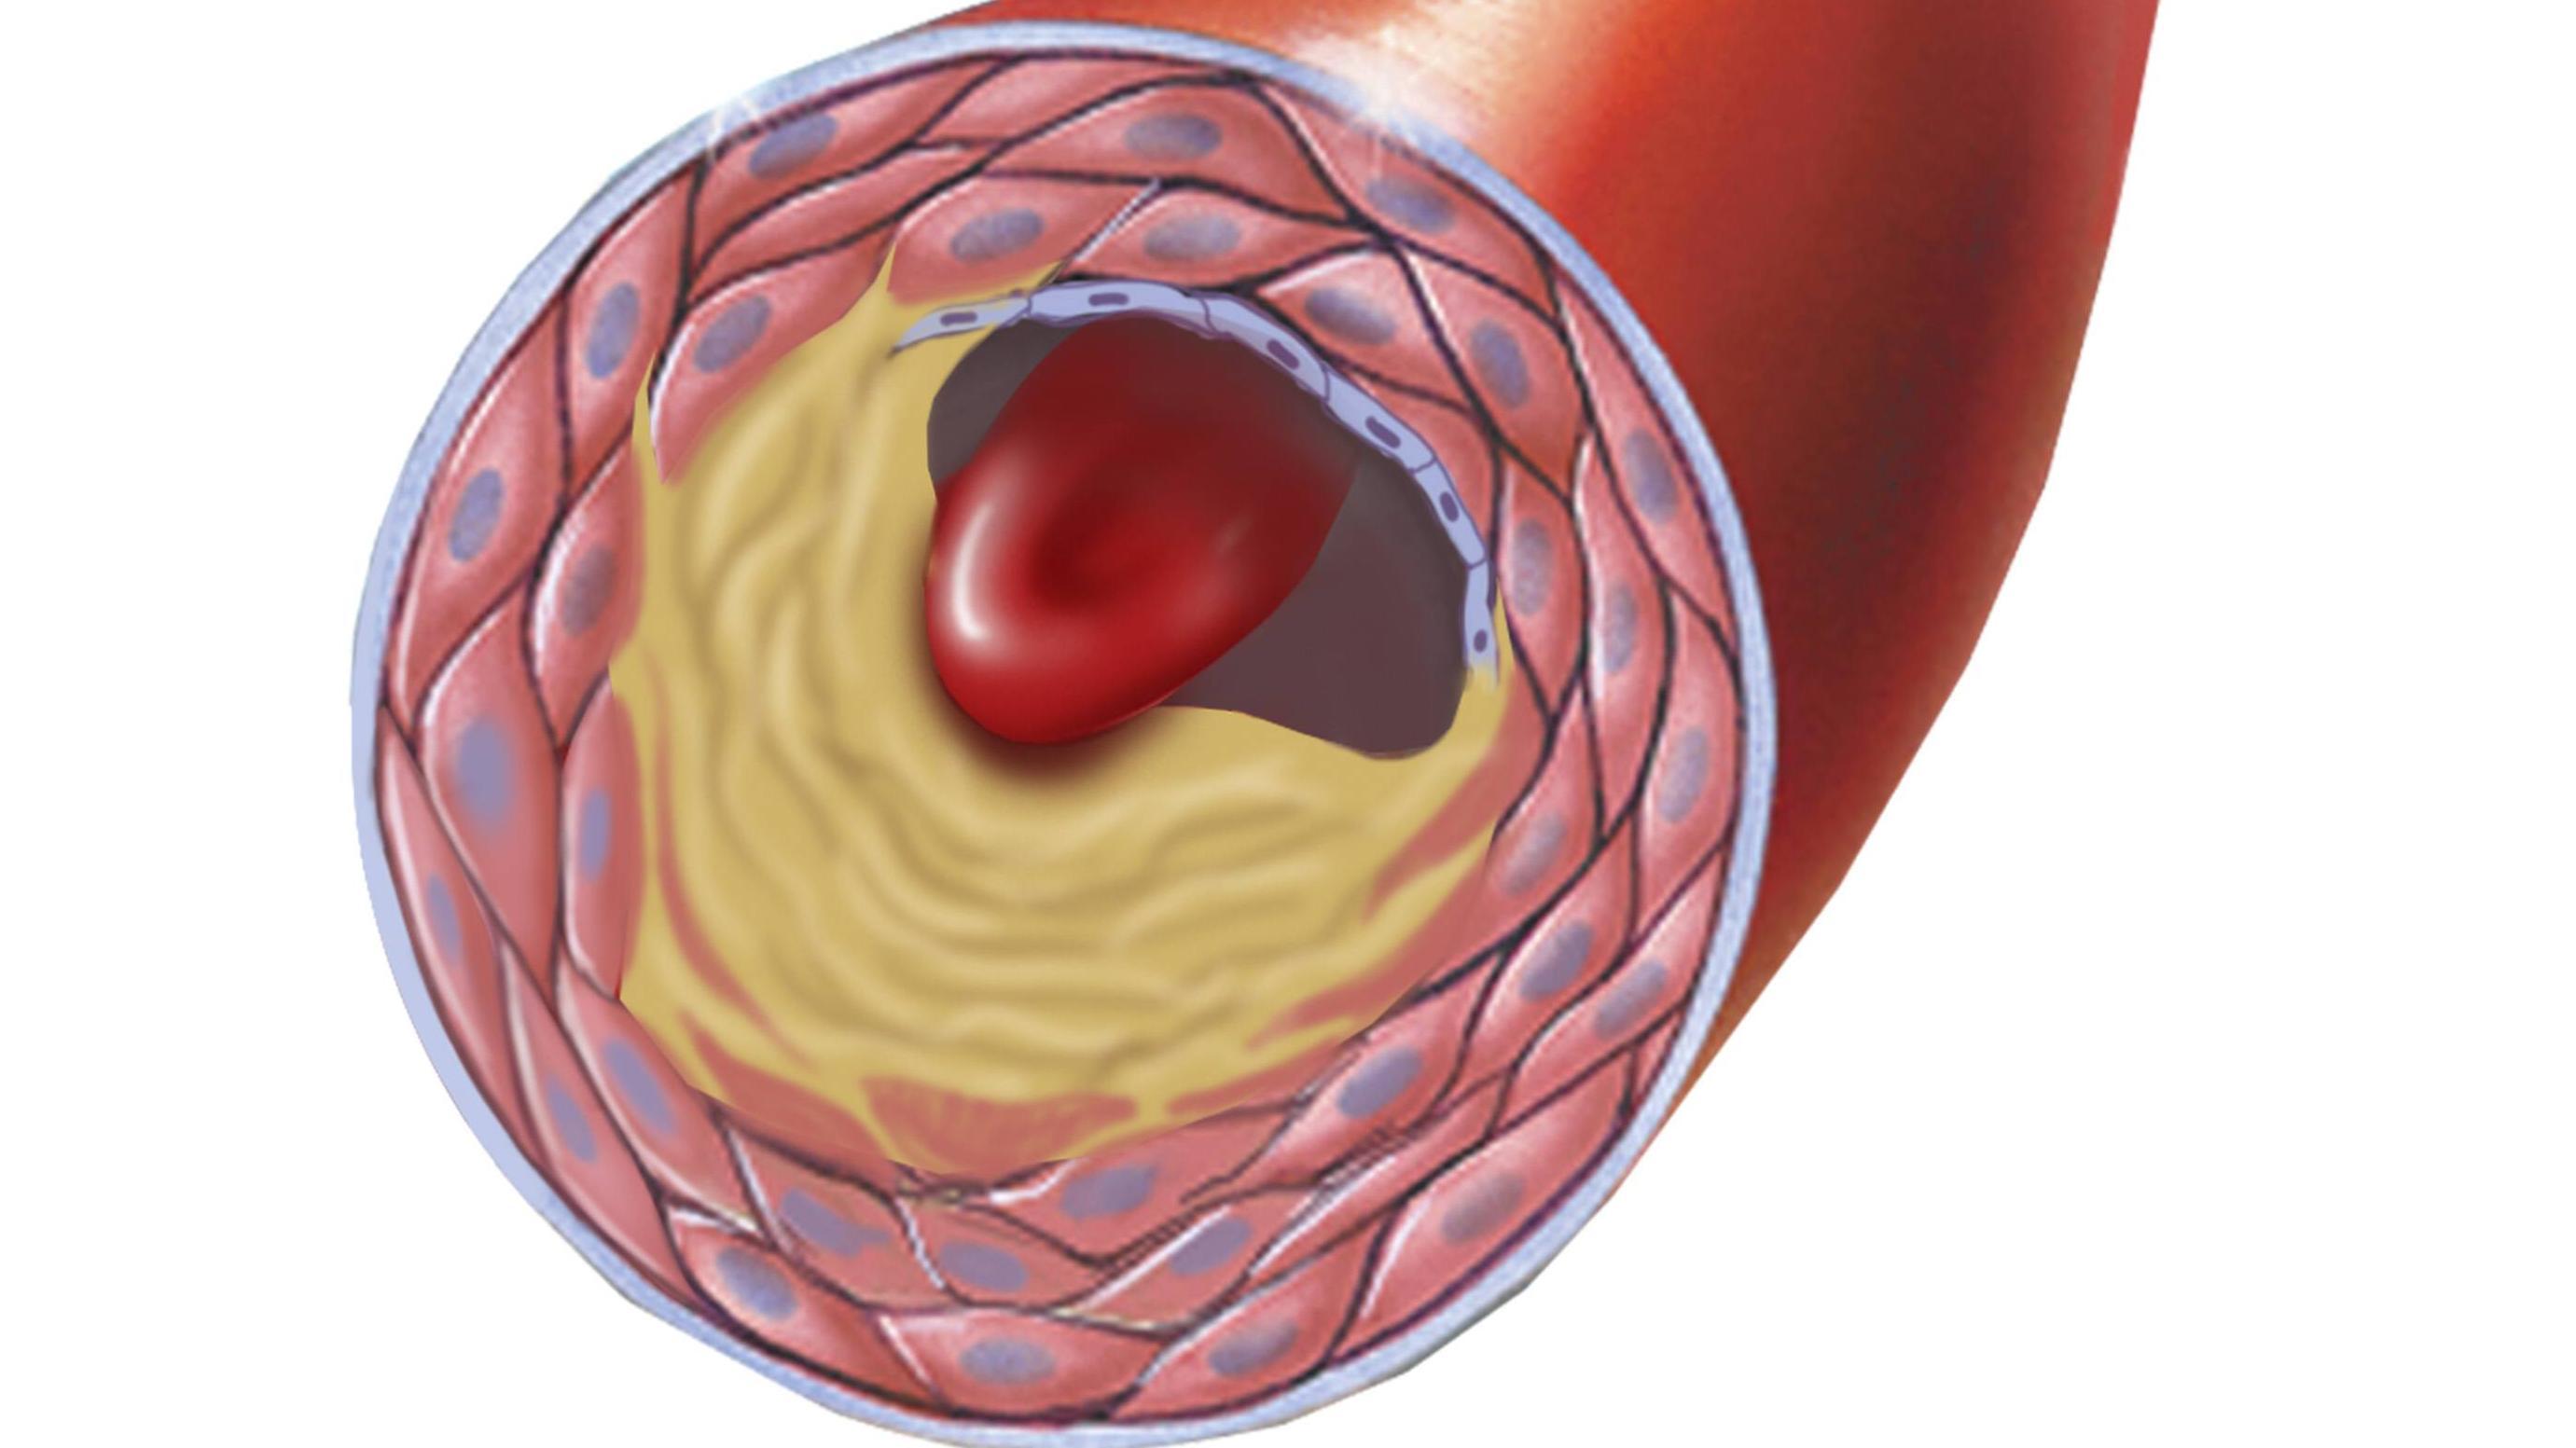 Arteriosklerose: Mögliche Ursachen und Risikofaktoren